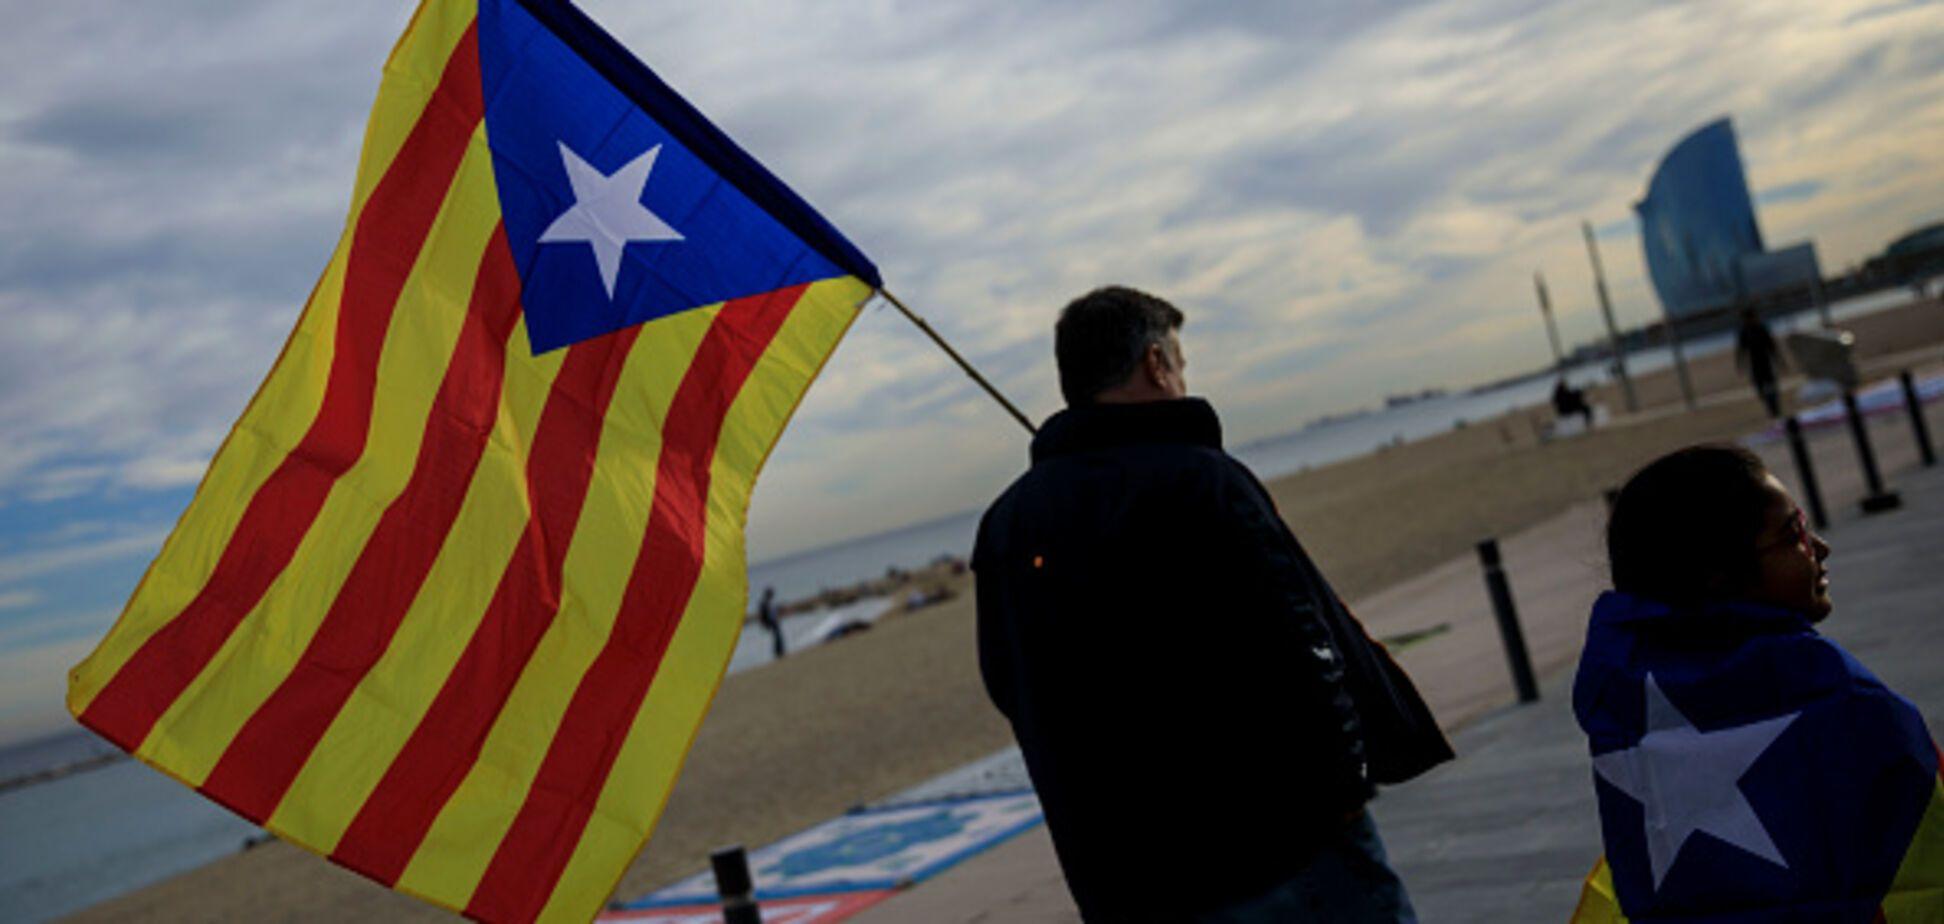 Доказательства есть: Испания обвинила РФ во вмешательстве в каталонский кризис